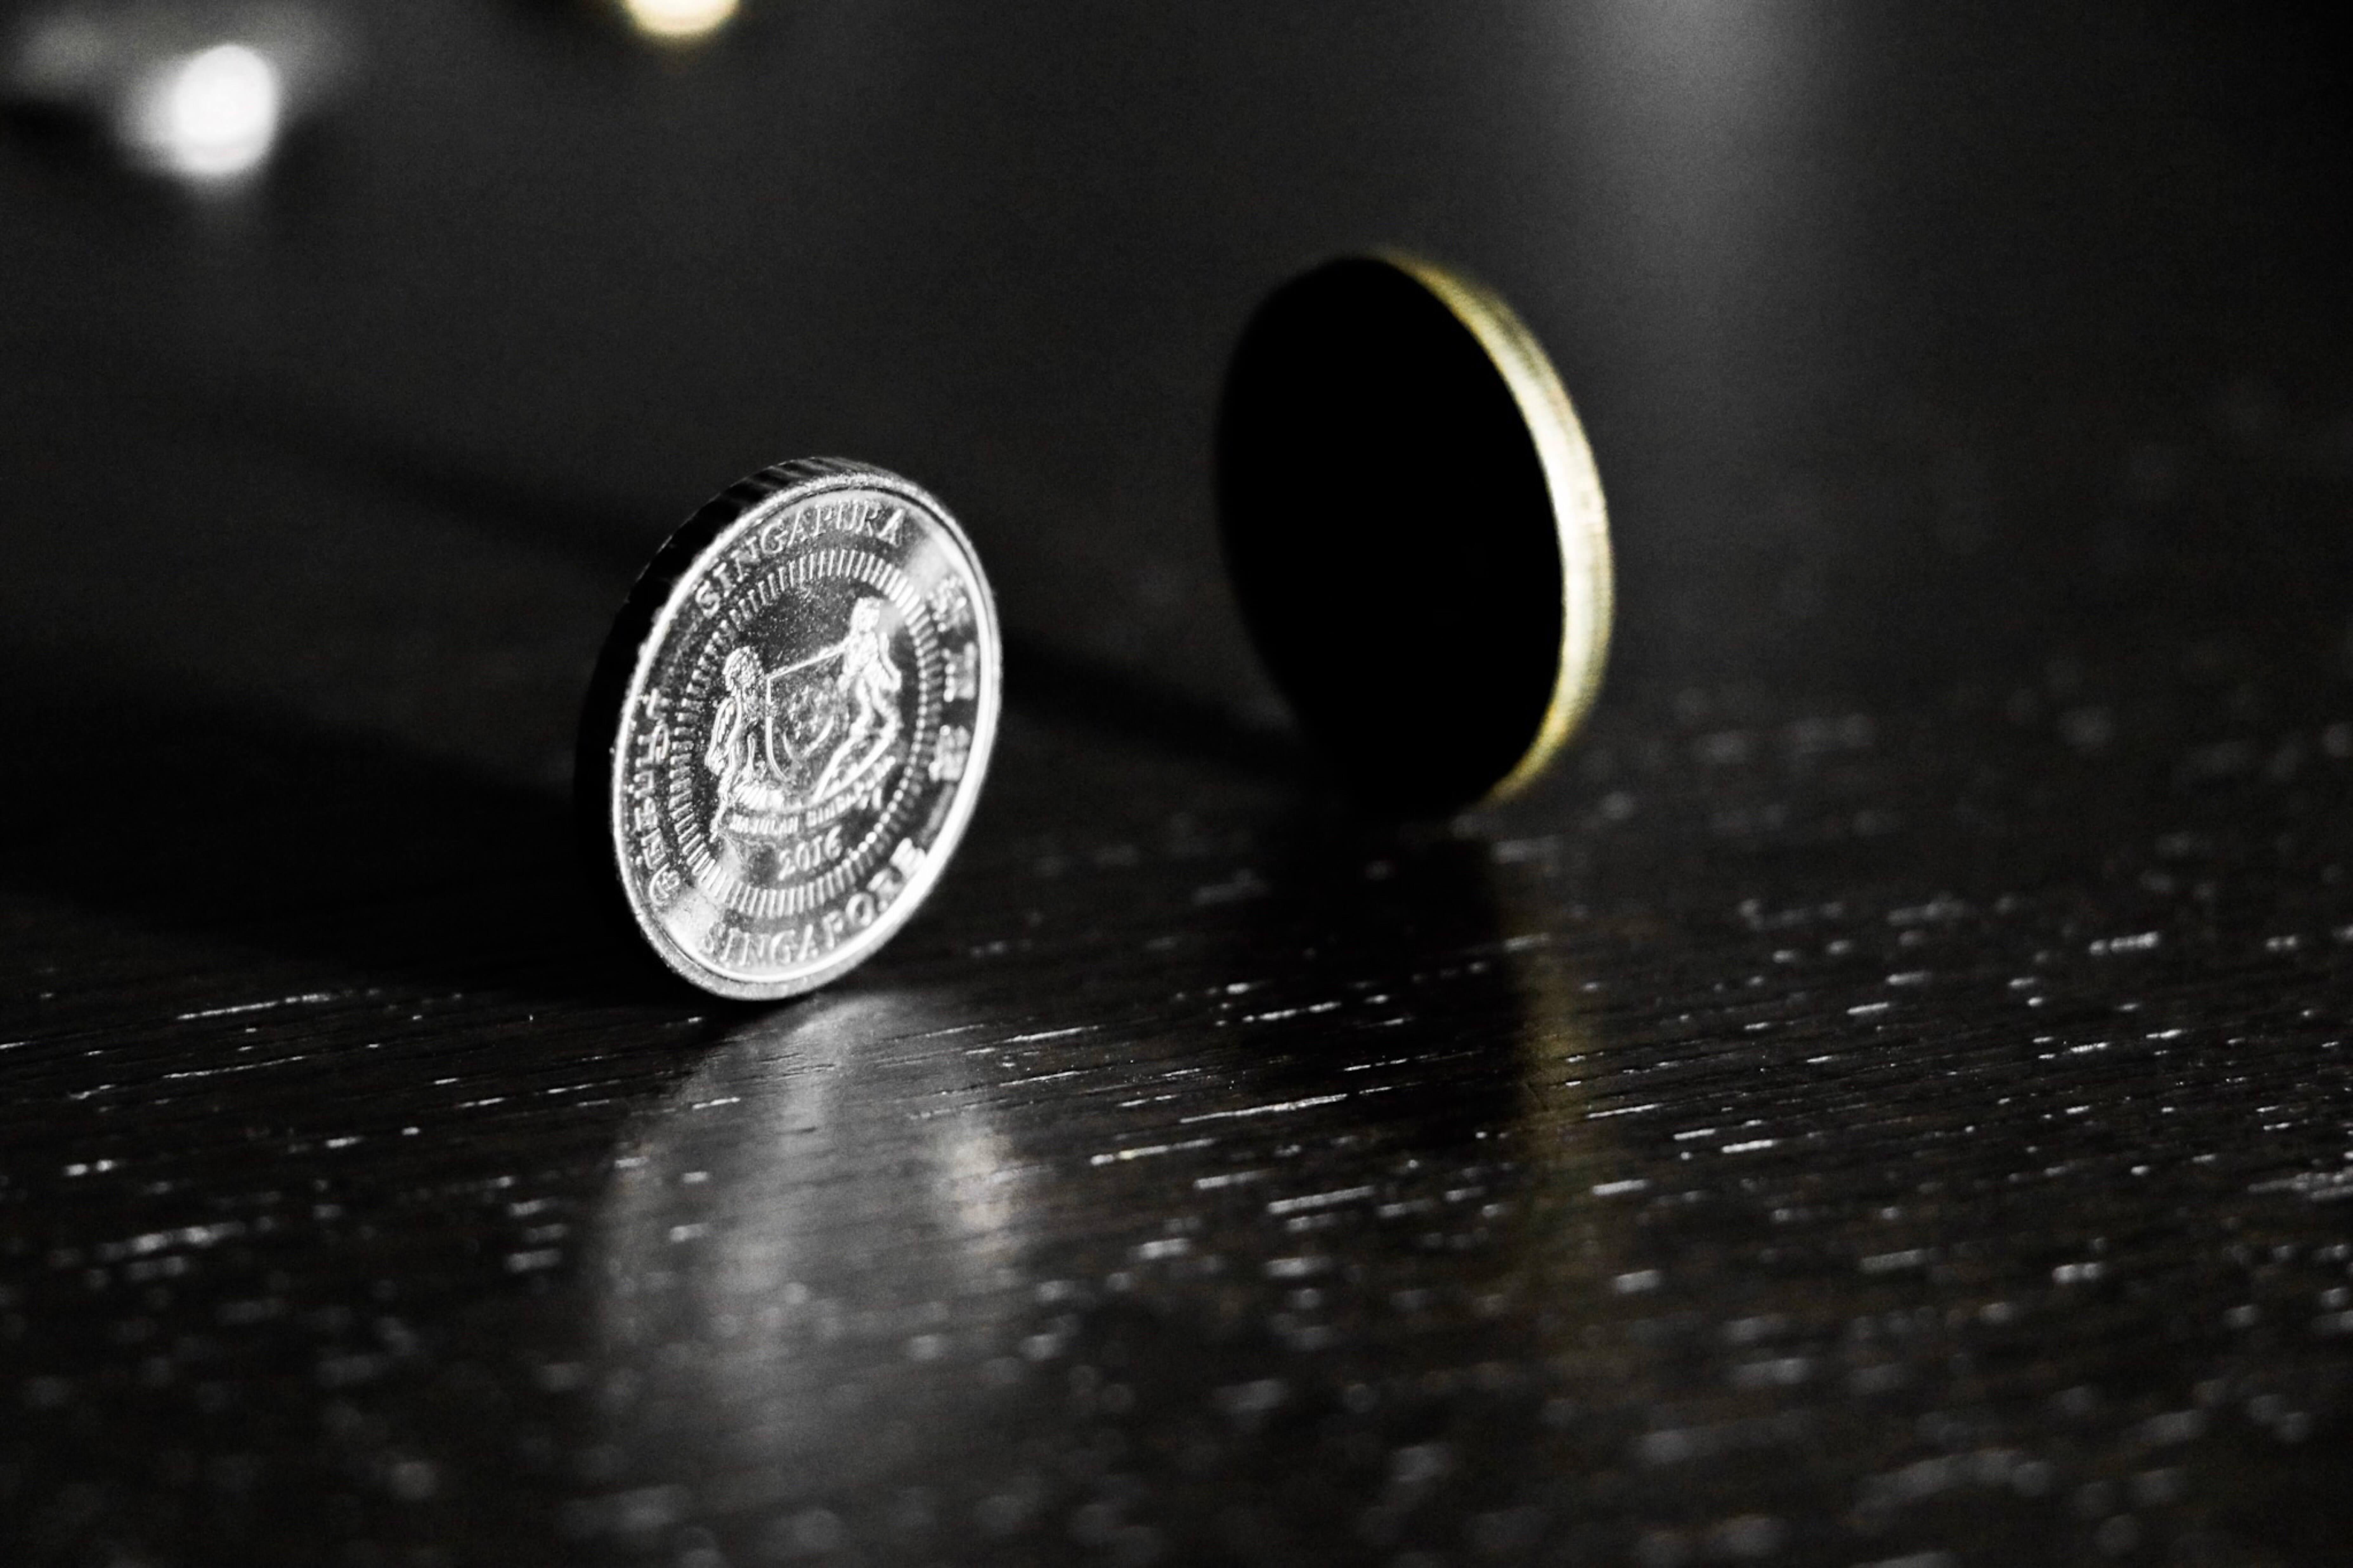 Münzen auf dem Tisch stehend.